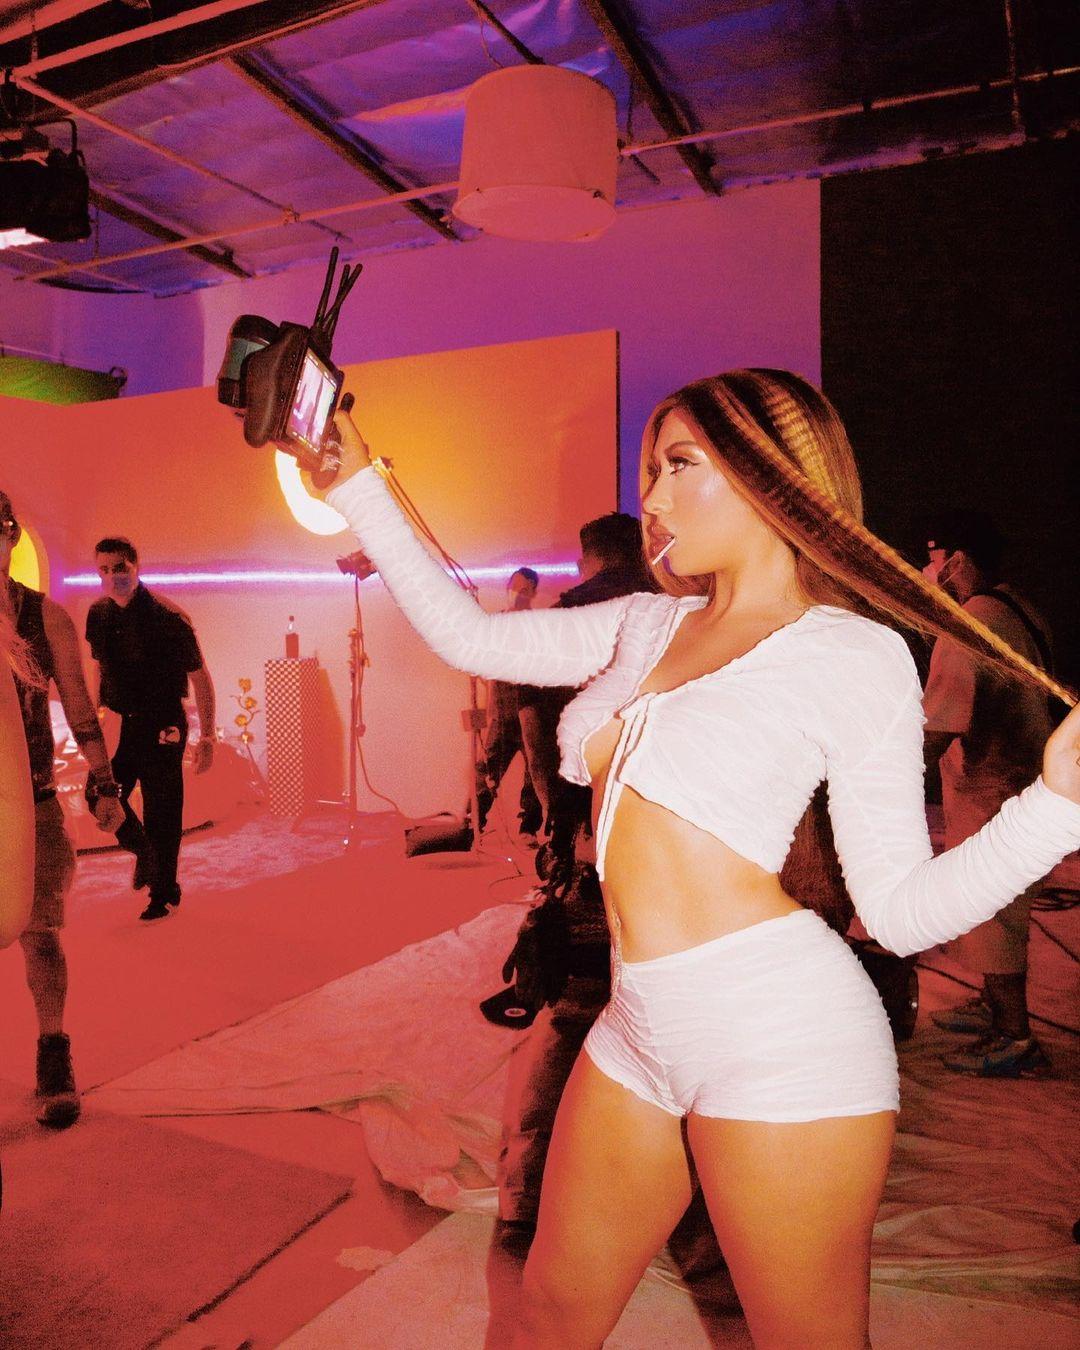 8 lanzamientos recientes que debes escuchar: Kali Uchis + Ariana Grande + Dorian Electra y más